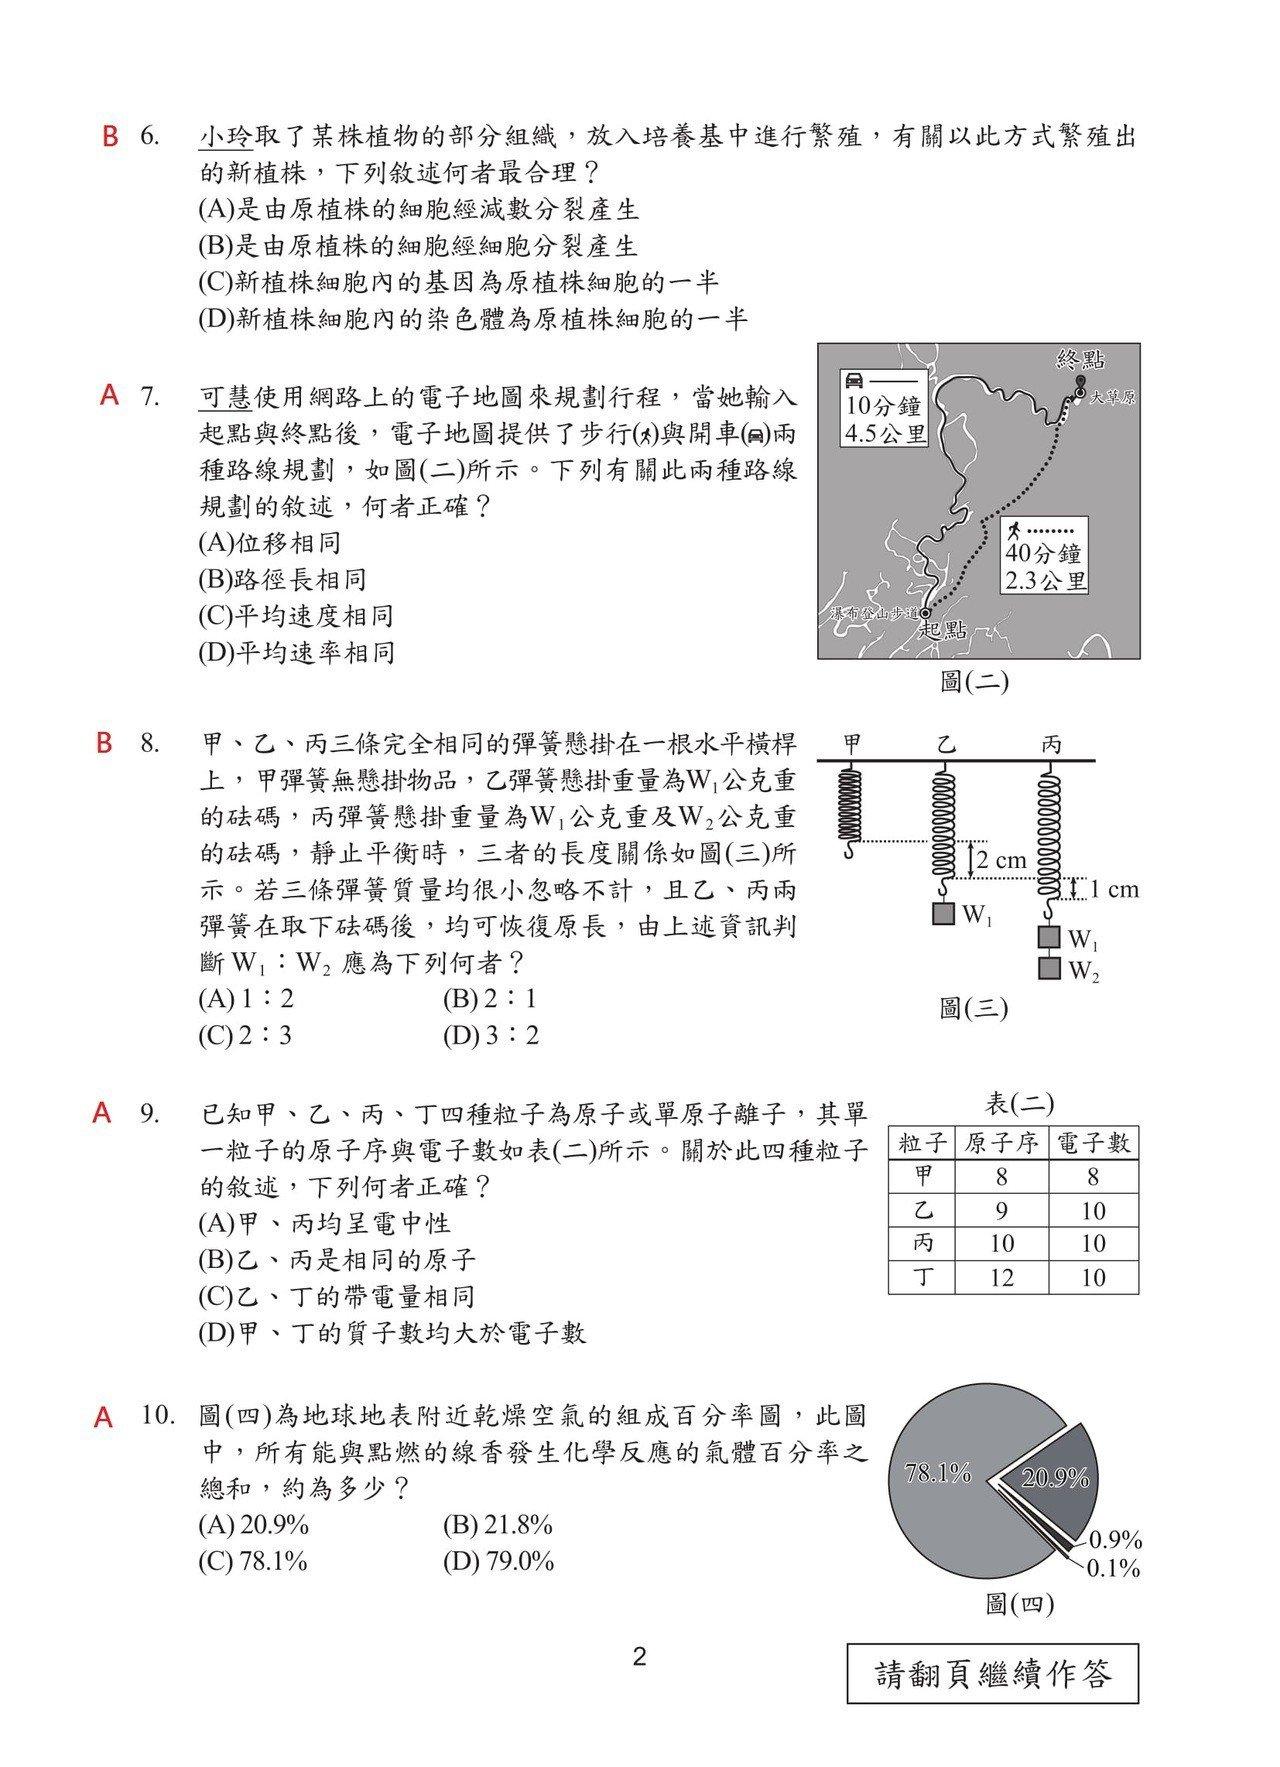 108國中會考自然科試題解答,第2頁。